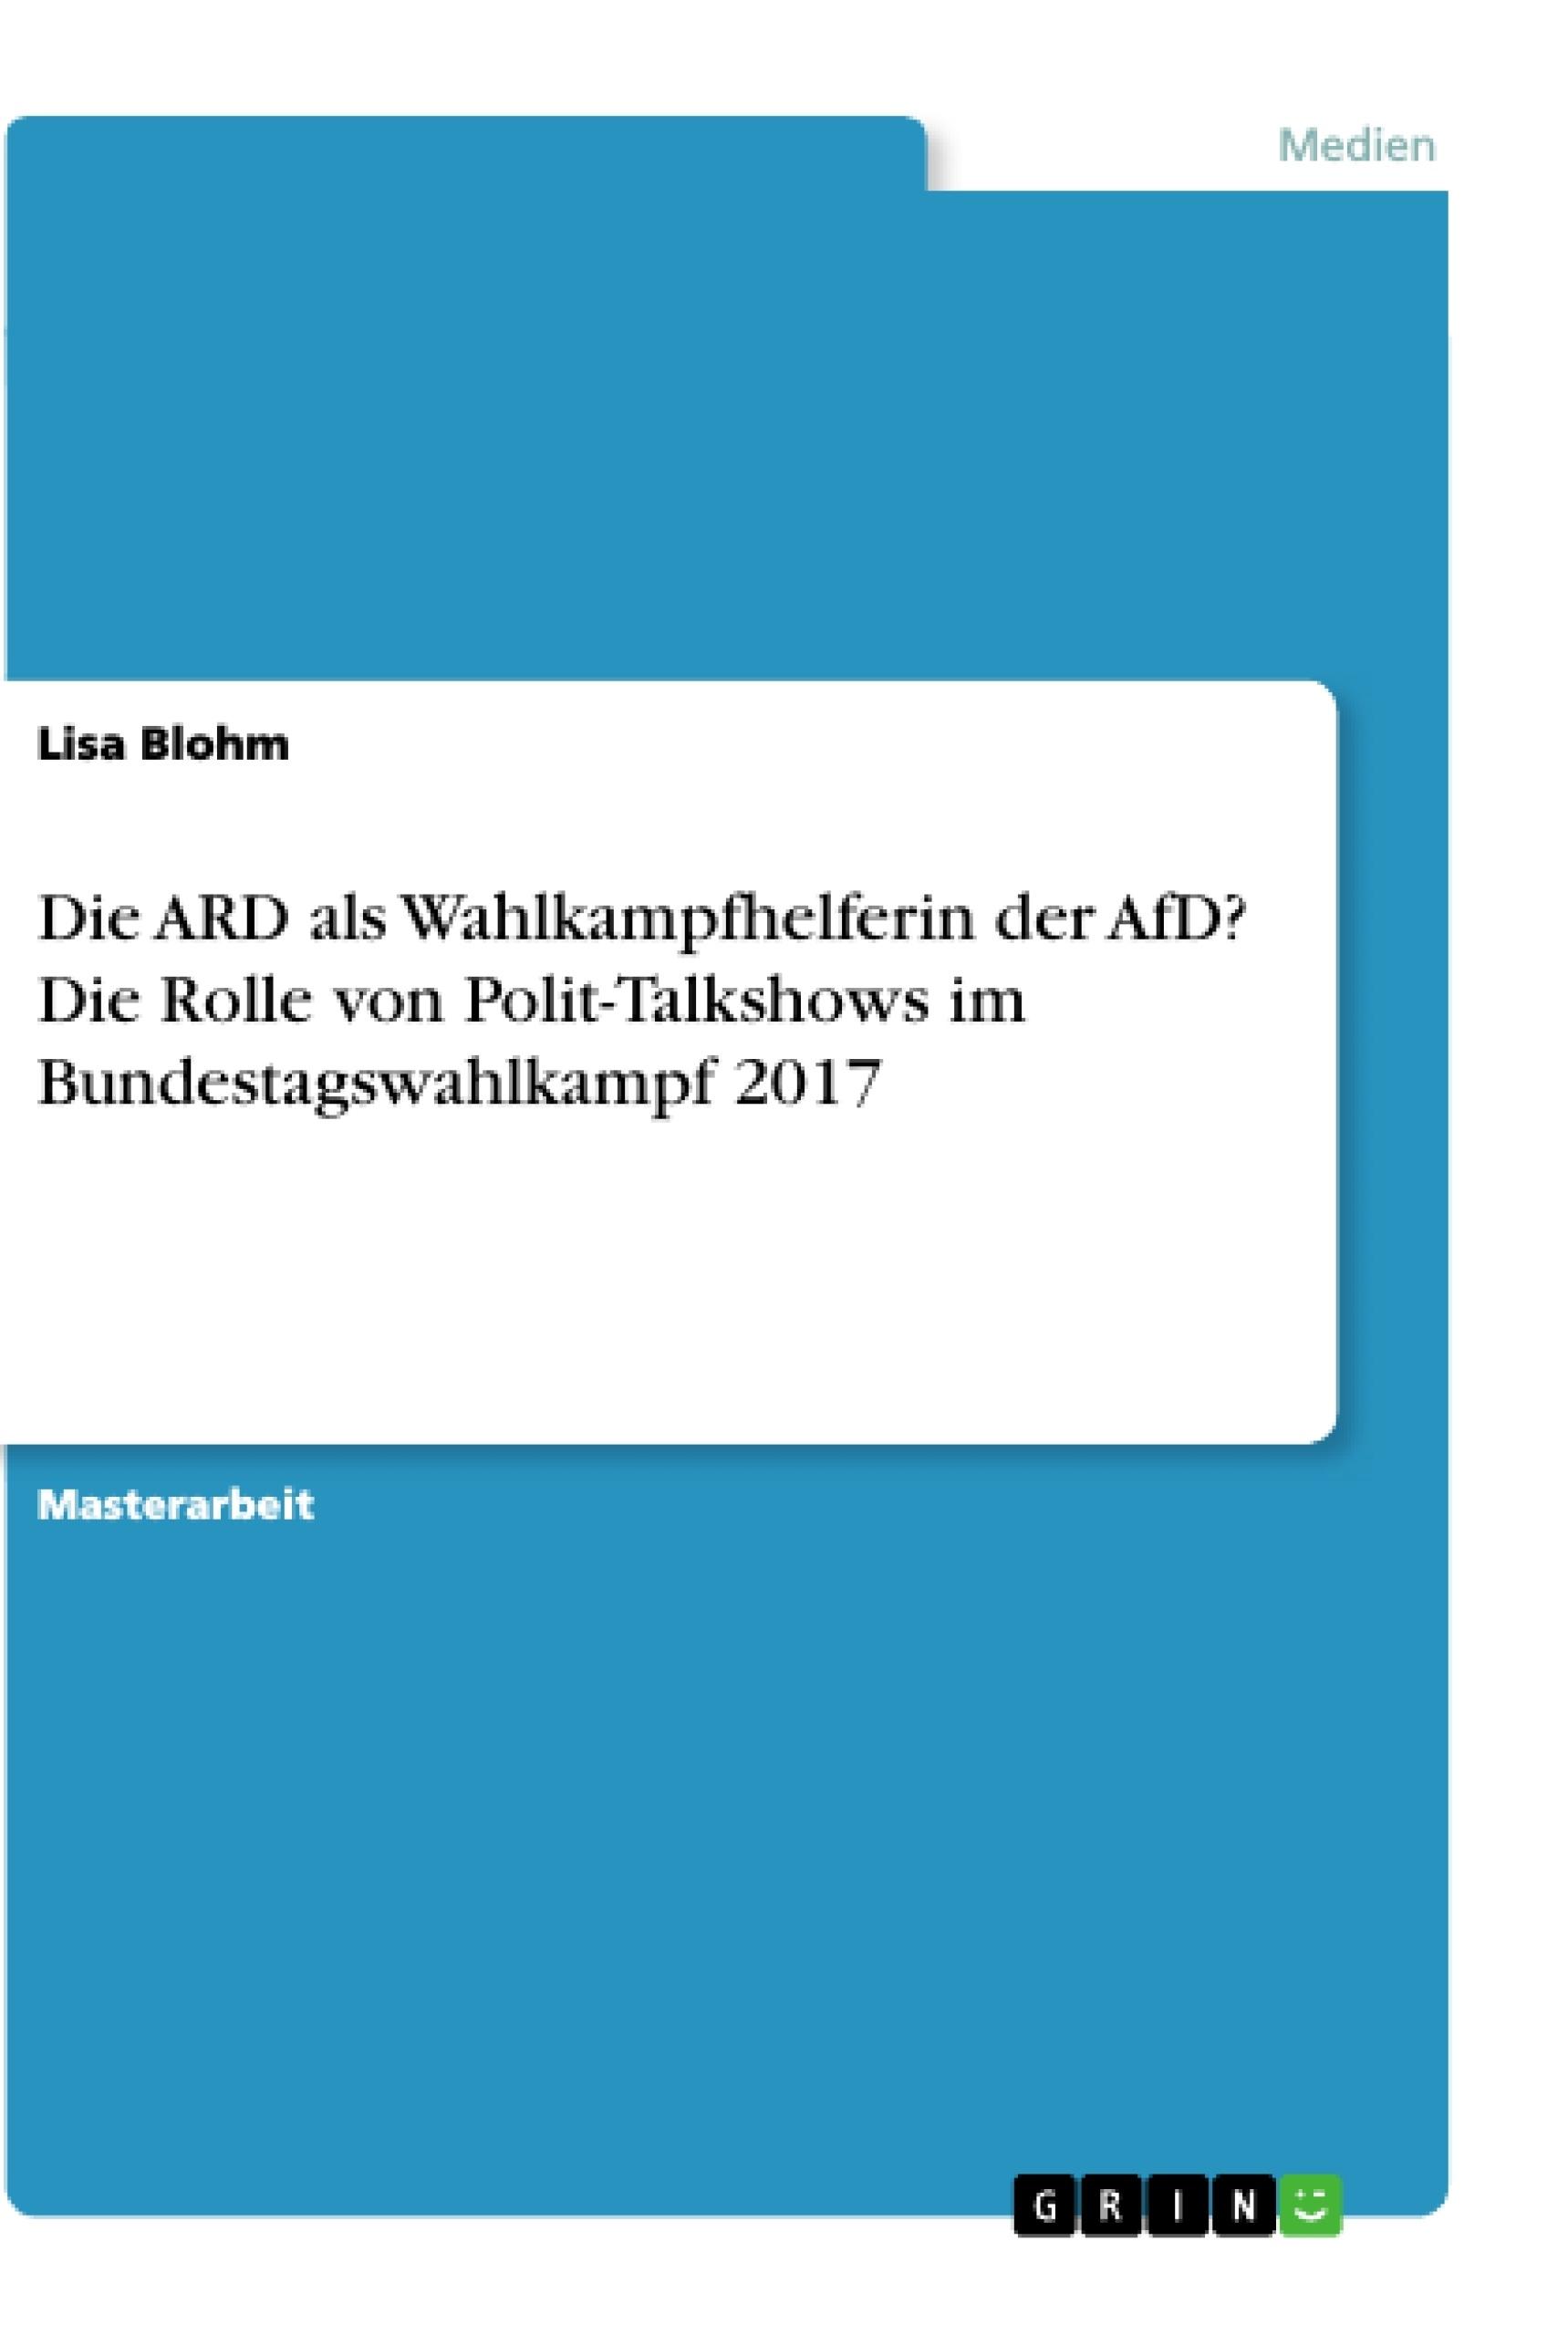 Titel: Die ARD als Wahlkampfhelferin der AfD? Die Rolle von Polit-Talkshows im Bundestagswahlkampf 2017